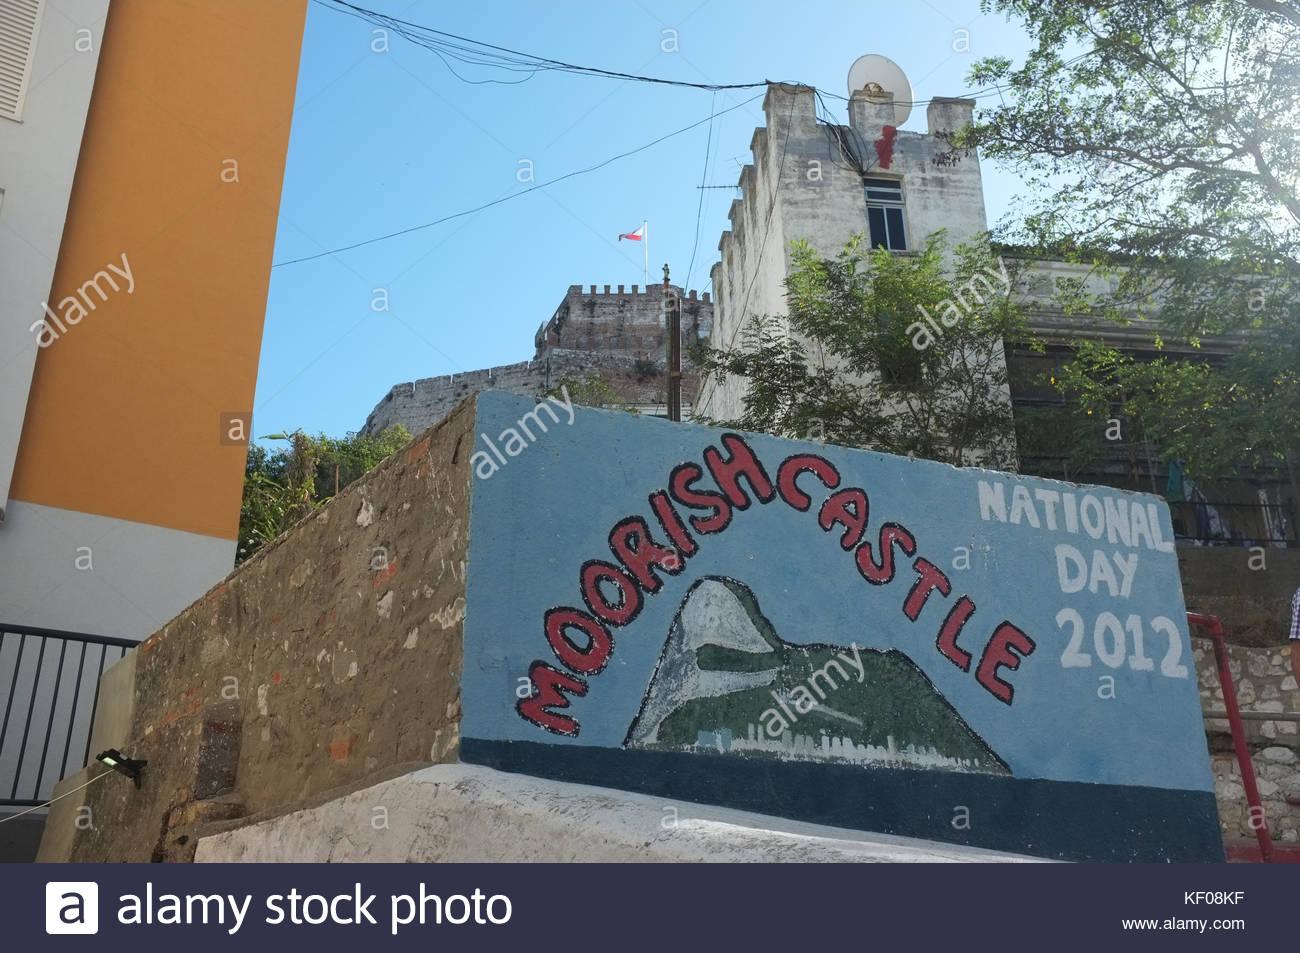 Mural near the Moorish castle, Gibraltar, September 2017 - Stock Image